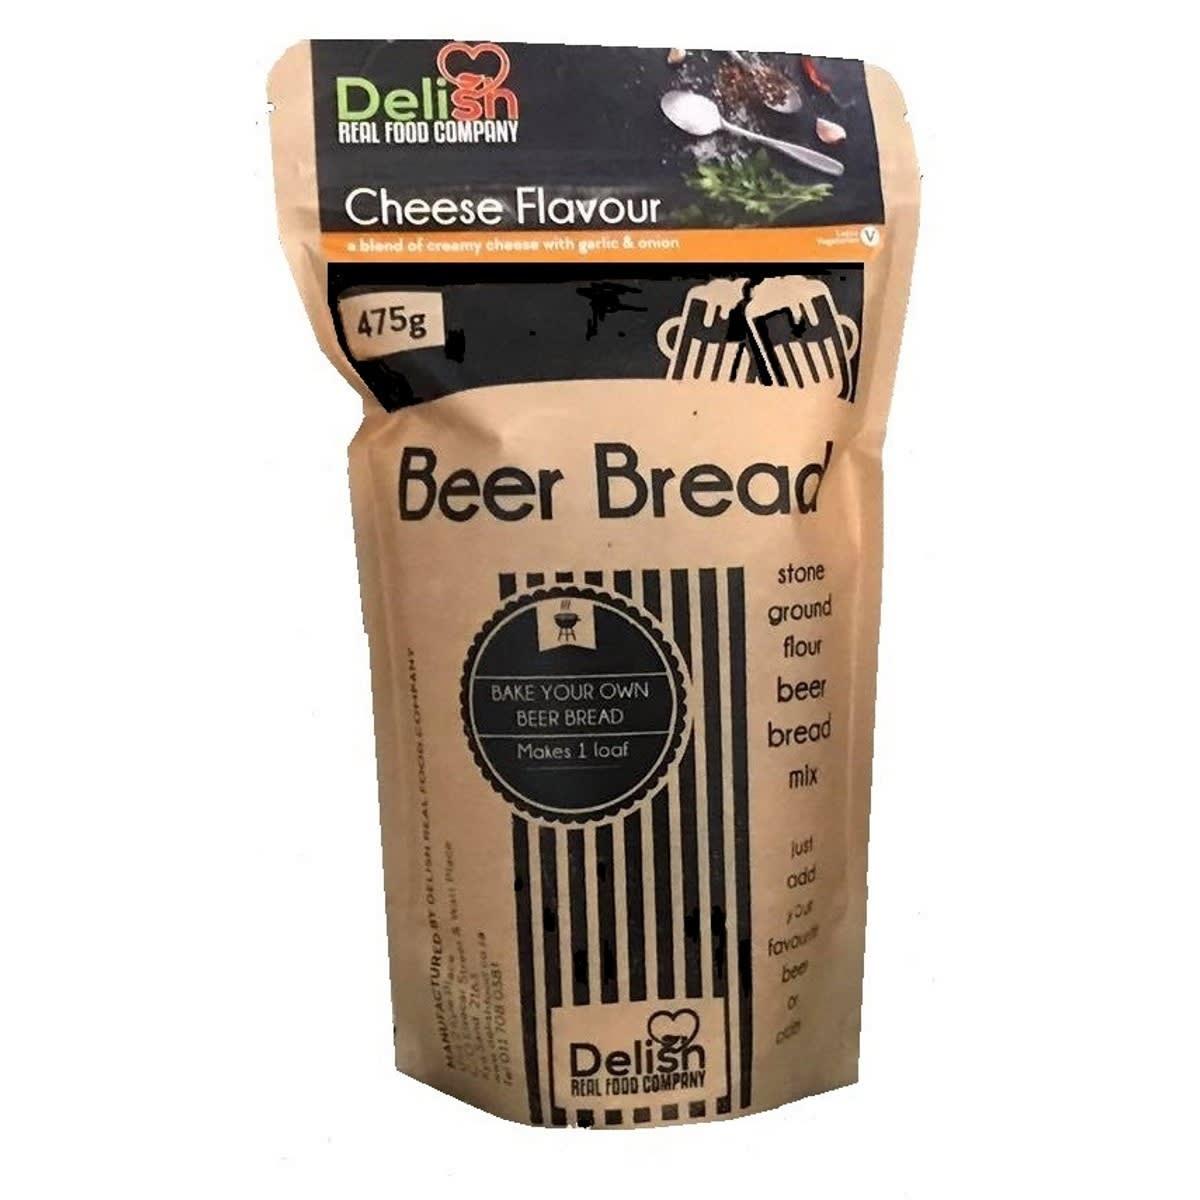 Delish Beer bread cheese